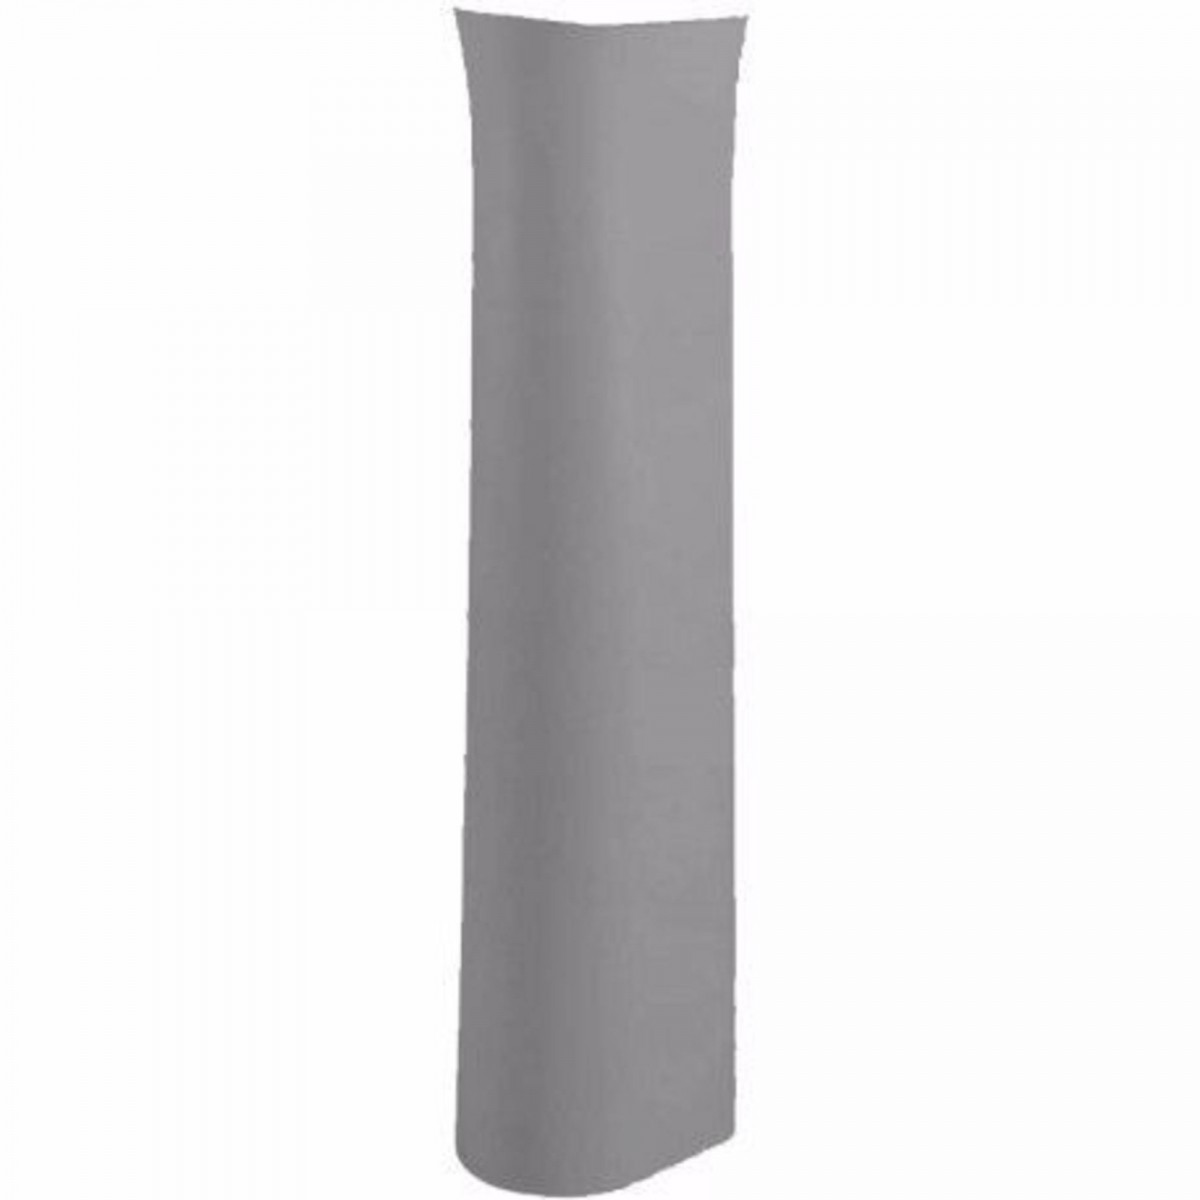 Coluna Convencional Aspen/Izy/Targa Deca Cinza Real Ref. C.10.87